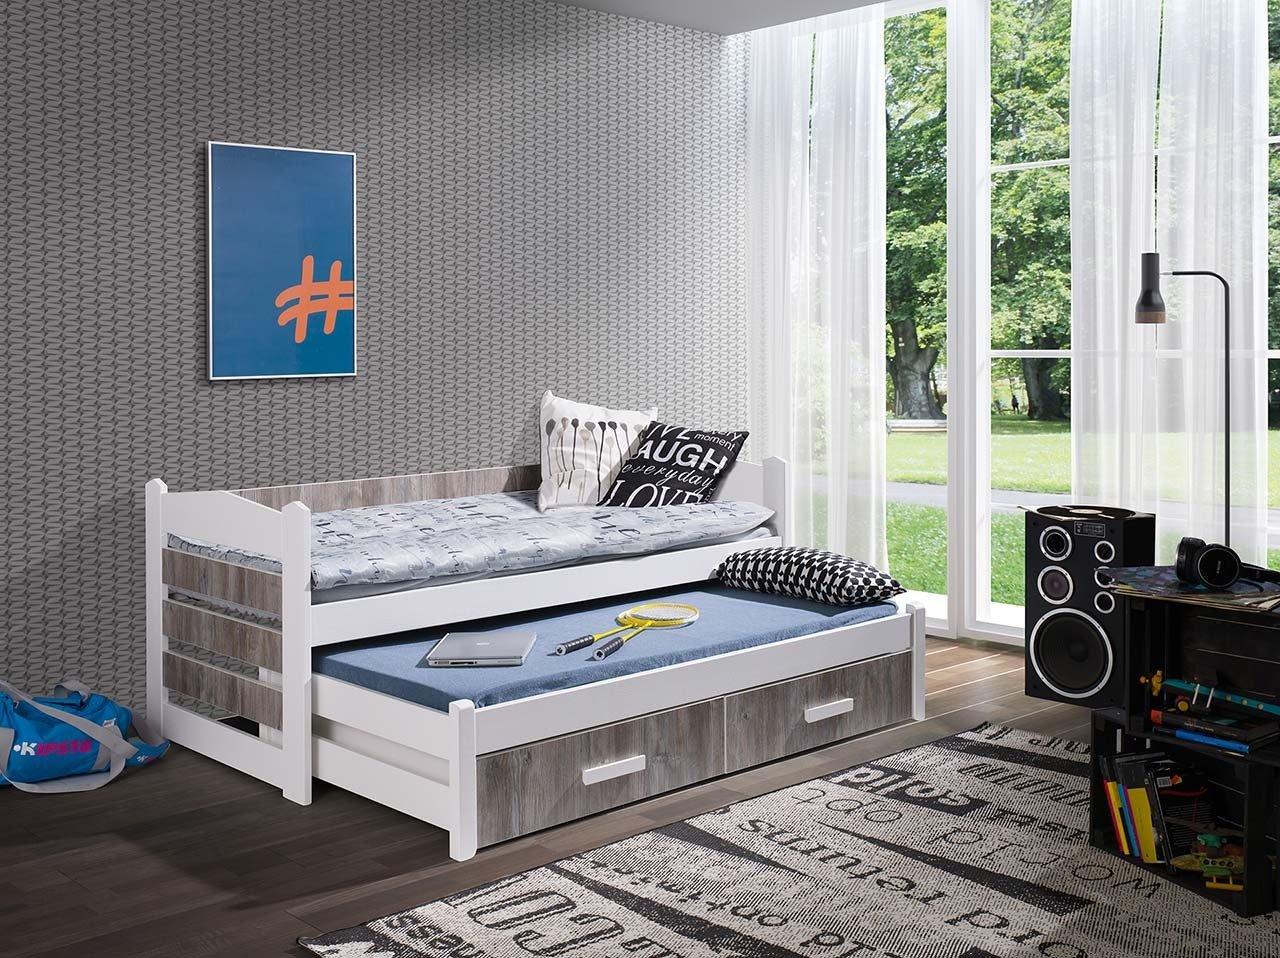 łóżko Piętrowe Niskie 2 Osobowe Do Pokoju Młodzieżowego Z Materacami